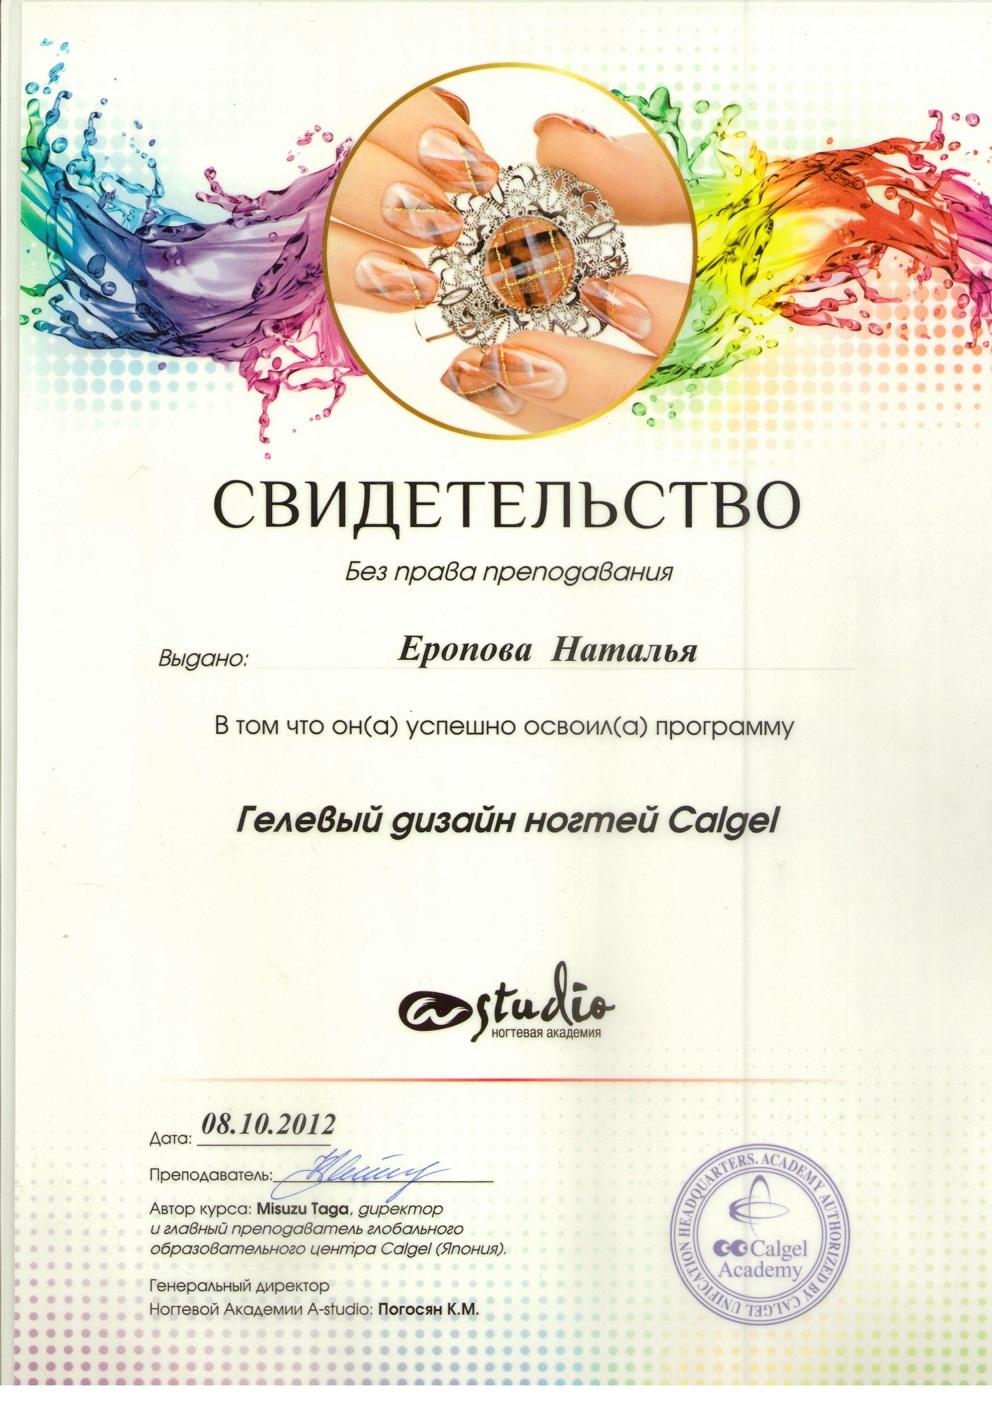 2012 гелевый дизайн ногтей Calgel